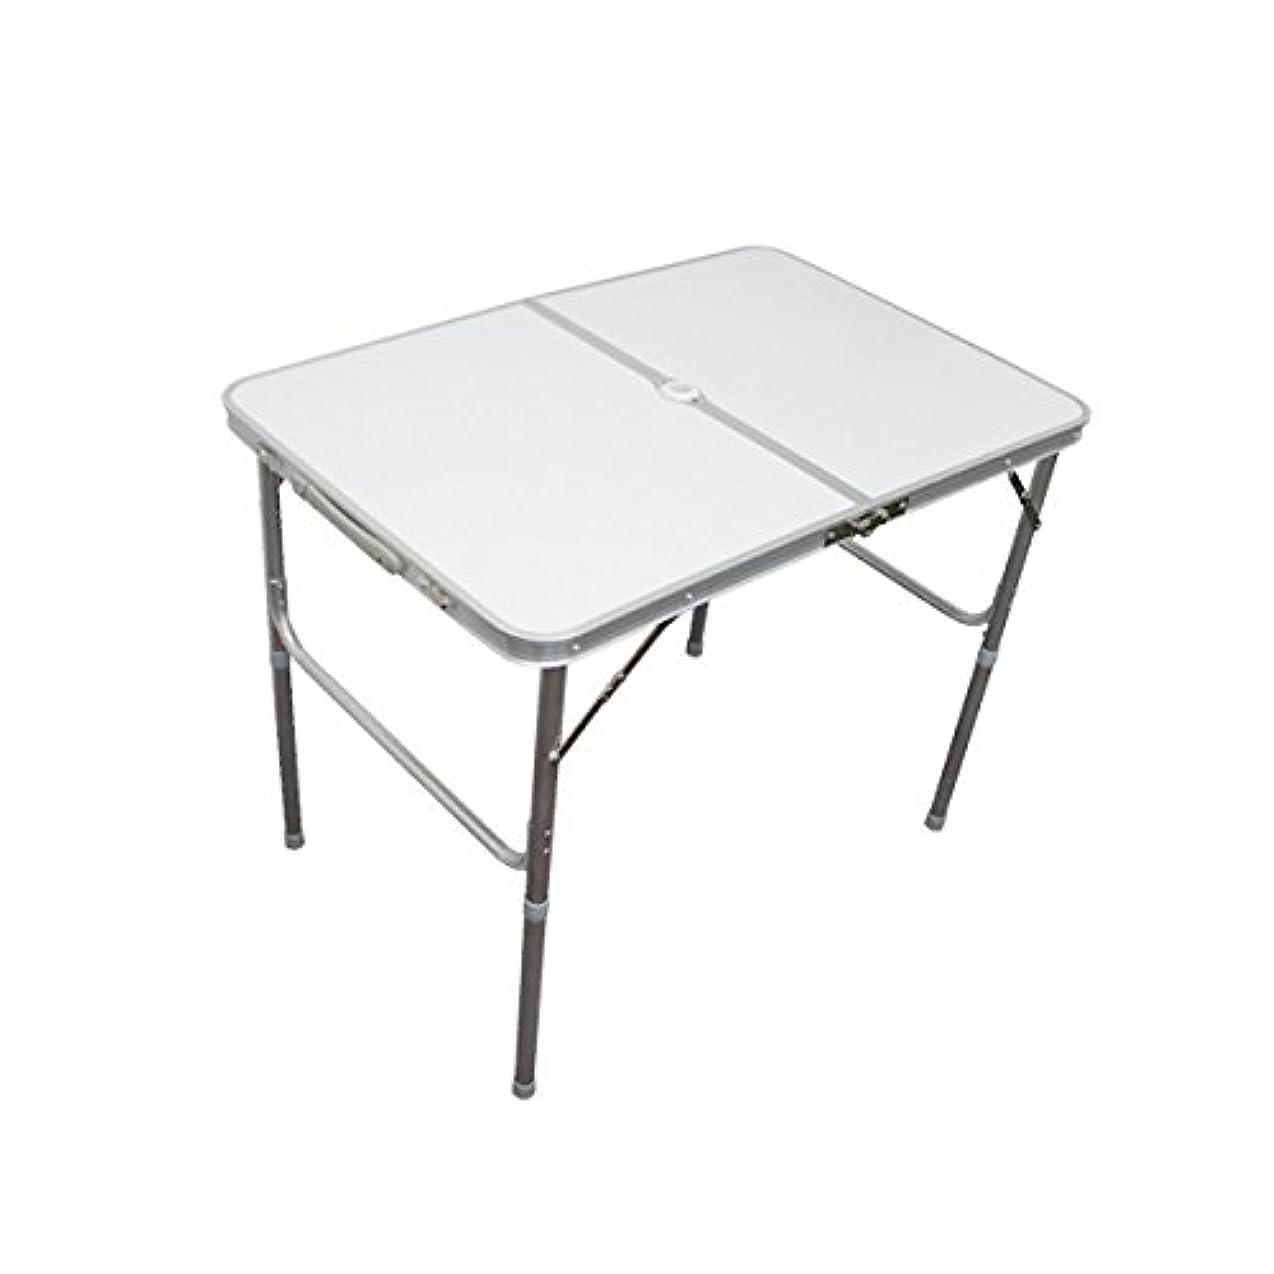 発音する簡単に含意MERMONT アルミレジャーテーブル 折りたたみ テーブル アウトドア テーブル ピクニックテーブル キャンプ フェス 運動会 に [幅 90cm]